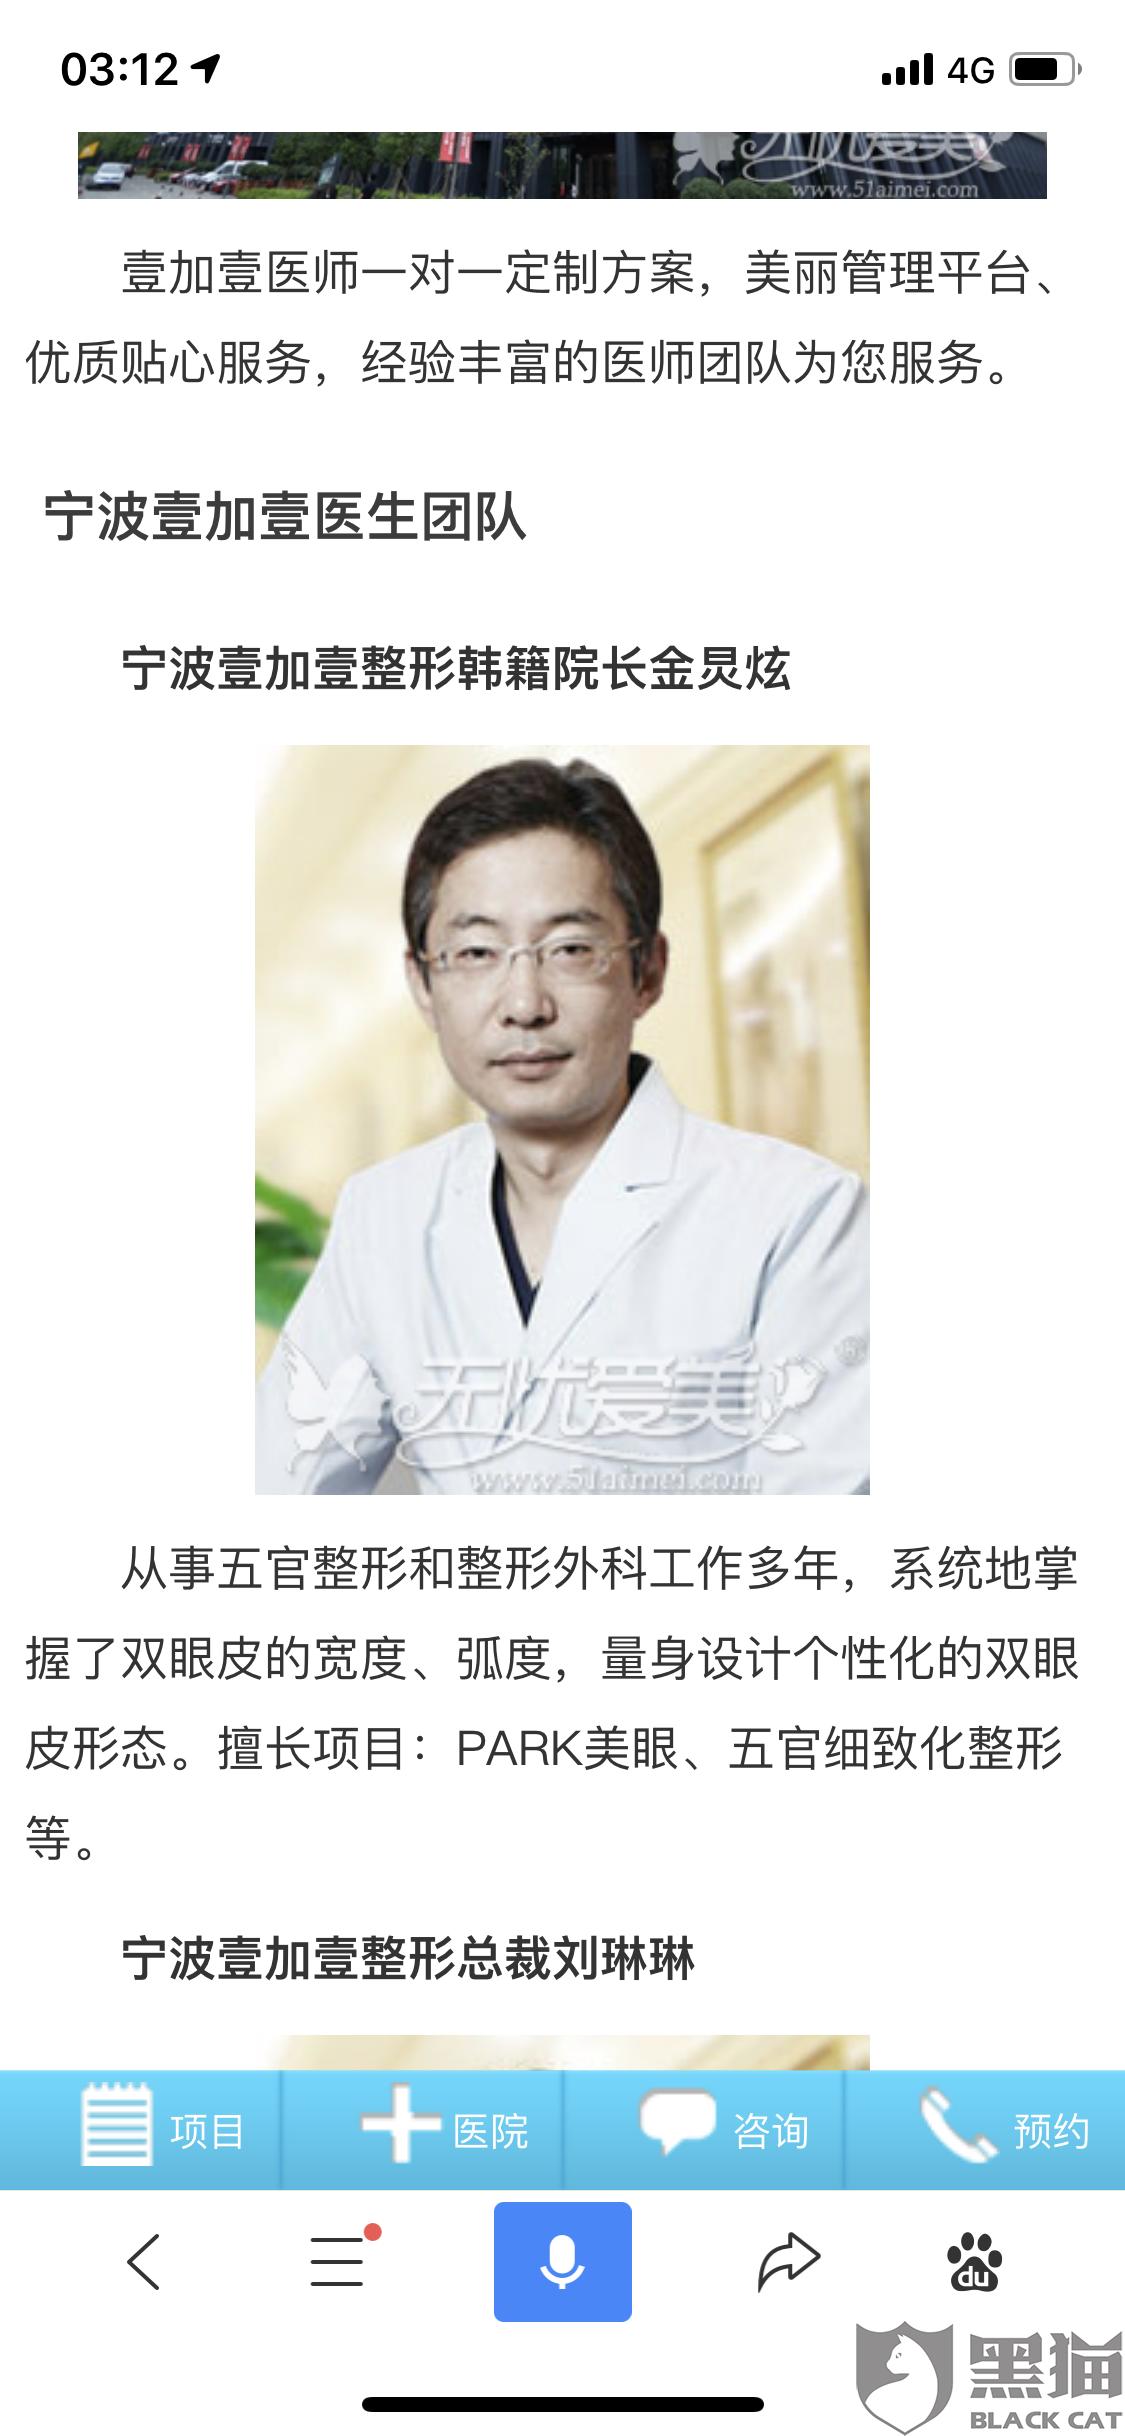 黑猫投诉:宁波壹加壹整容医院膨体鼻综合手术失败要求赔偿!